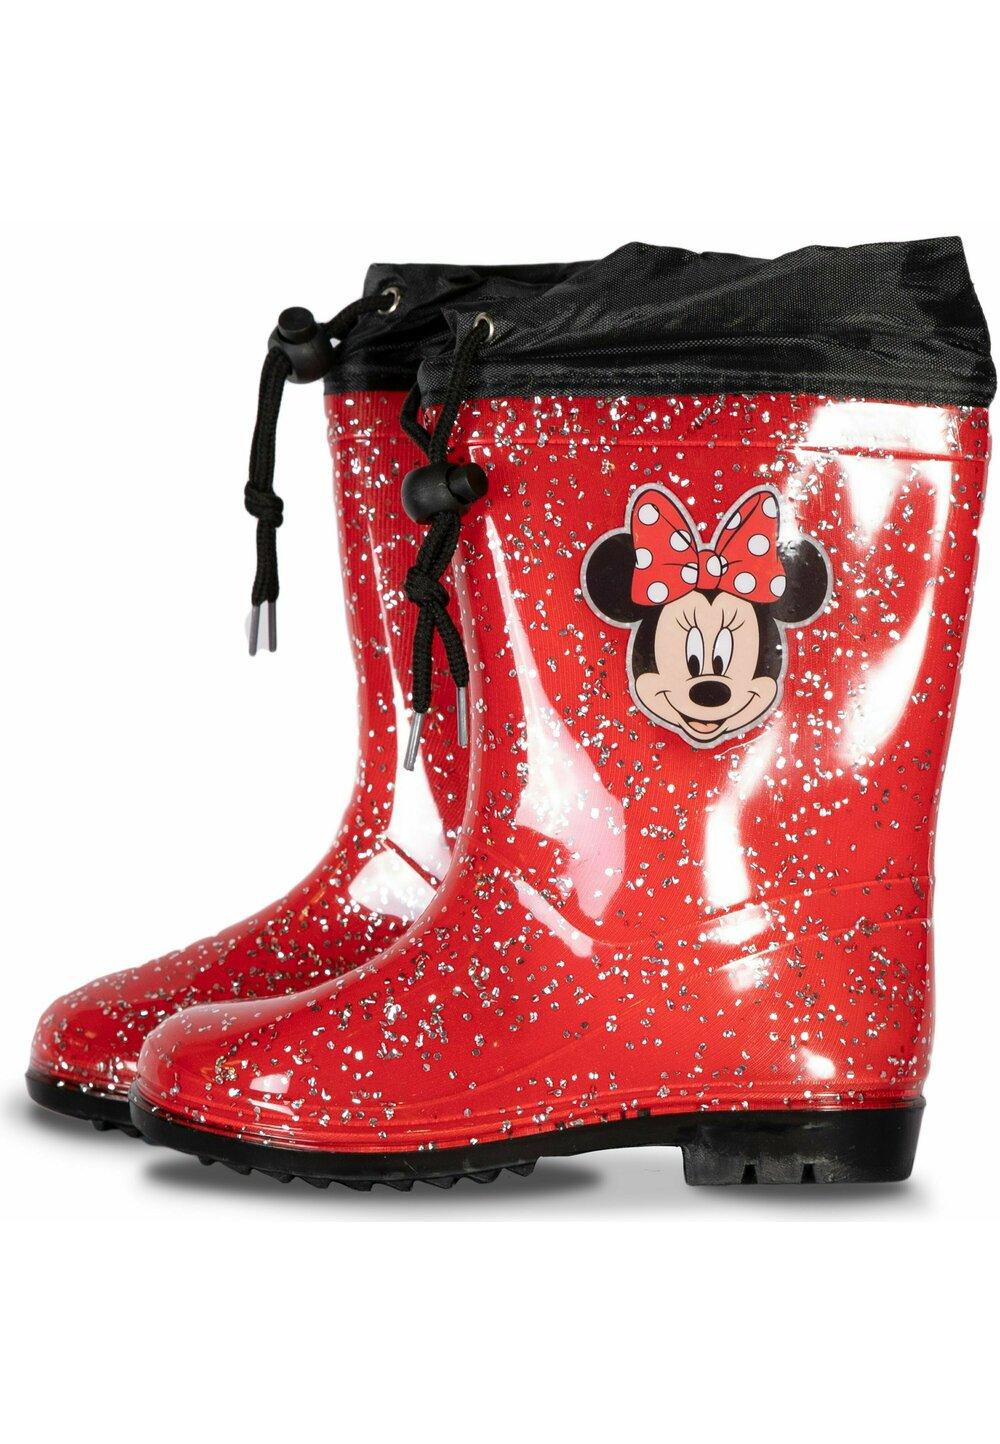 Cizme de cauciuc, Minnie Mouse, rosii cu sclipici imagine